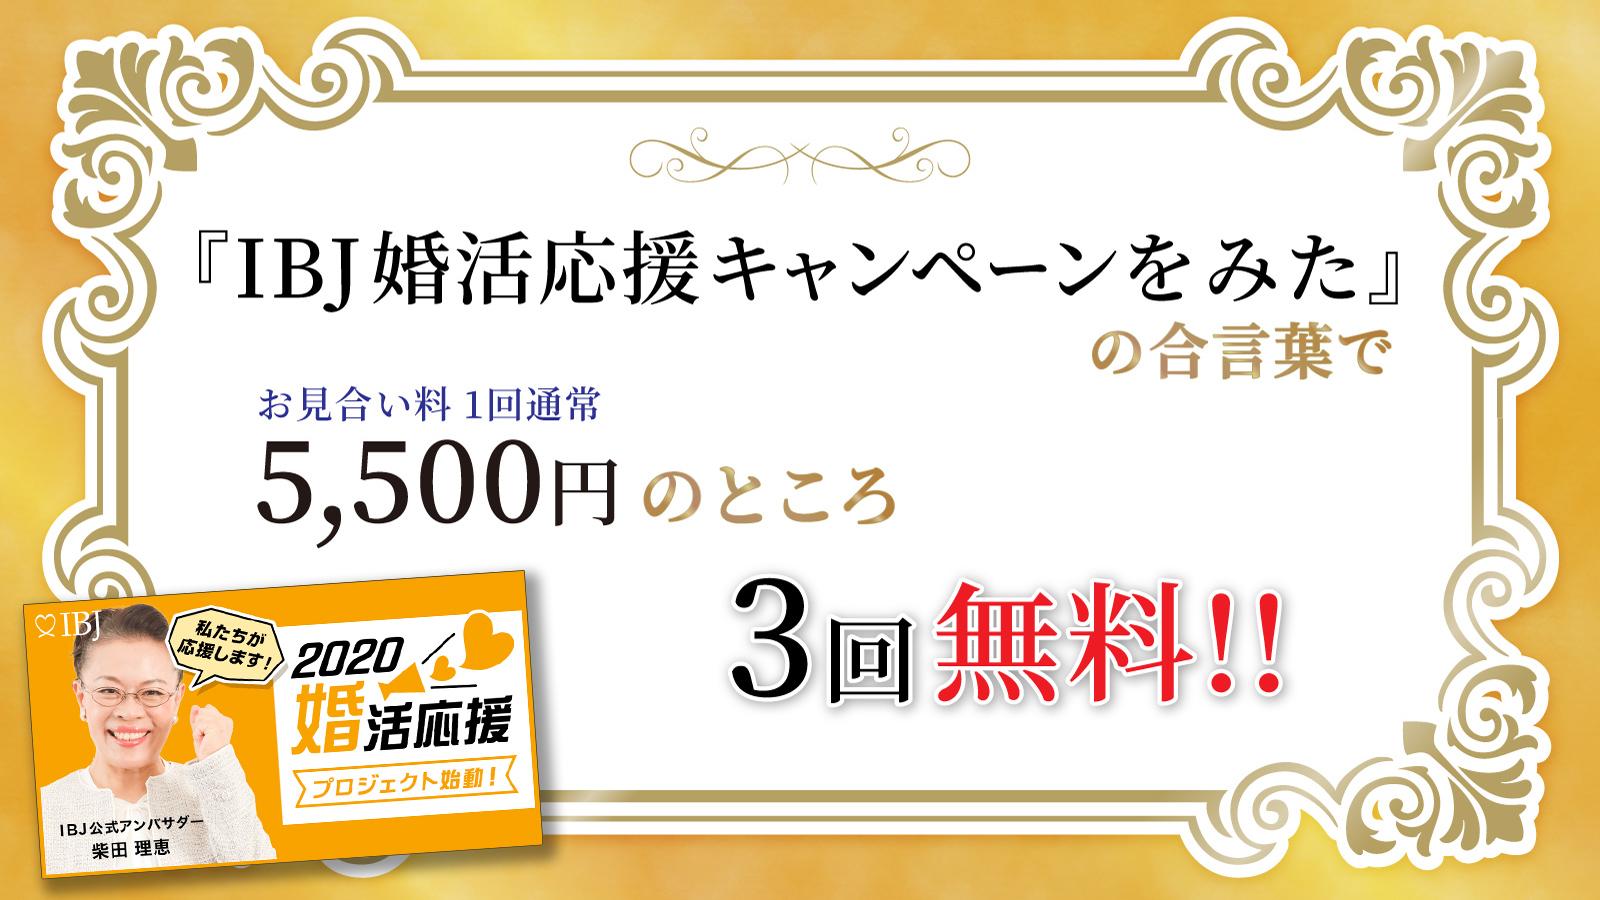 柴田理恵が応援!IBJ婚活応援キャンペーン!お見合い料1回5,500円が「キャンペーンをみた」の合言葉で3回も無料に!